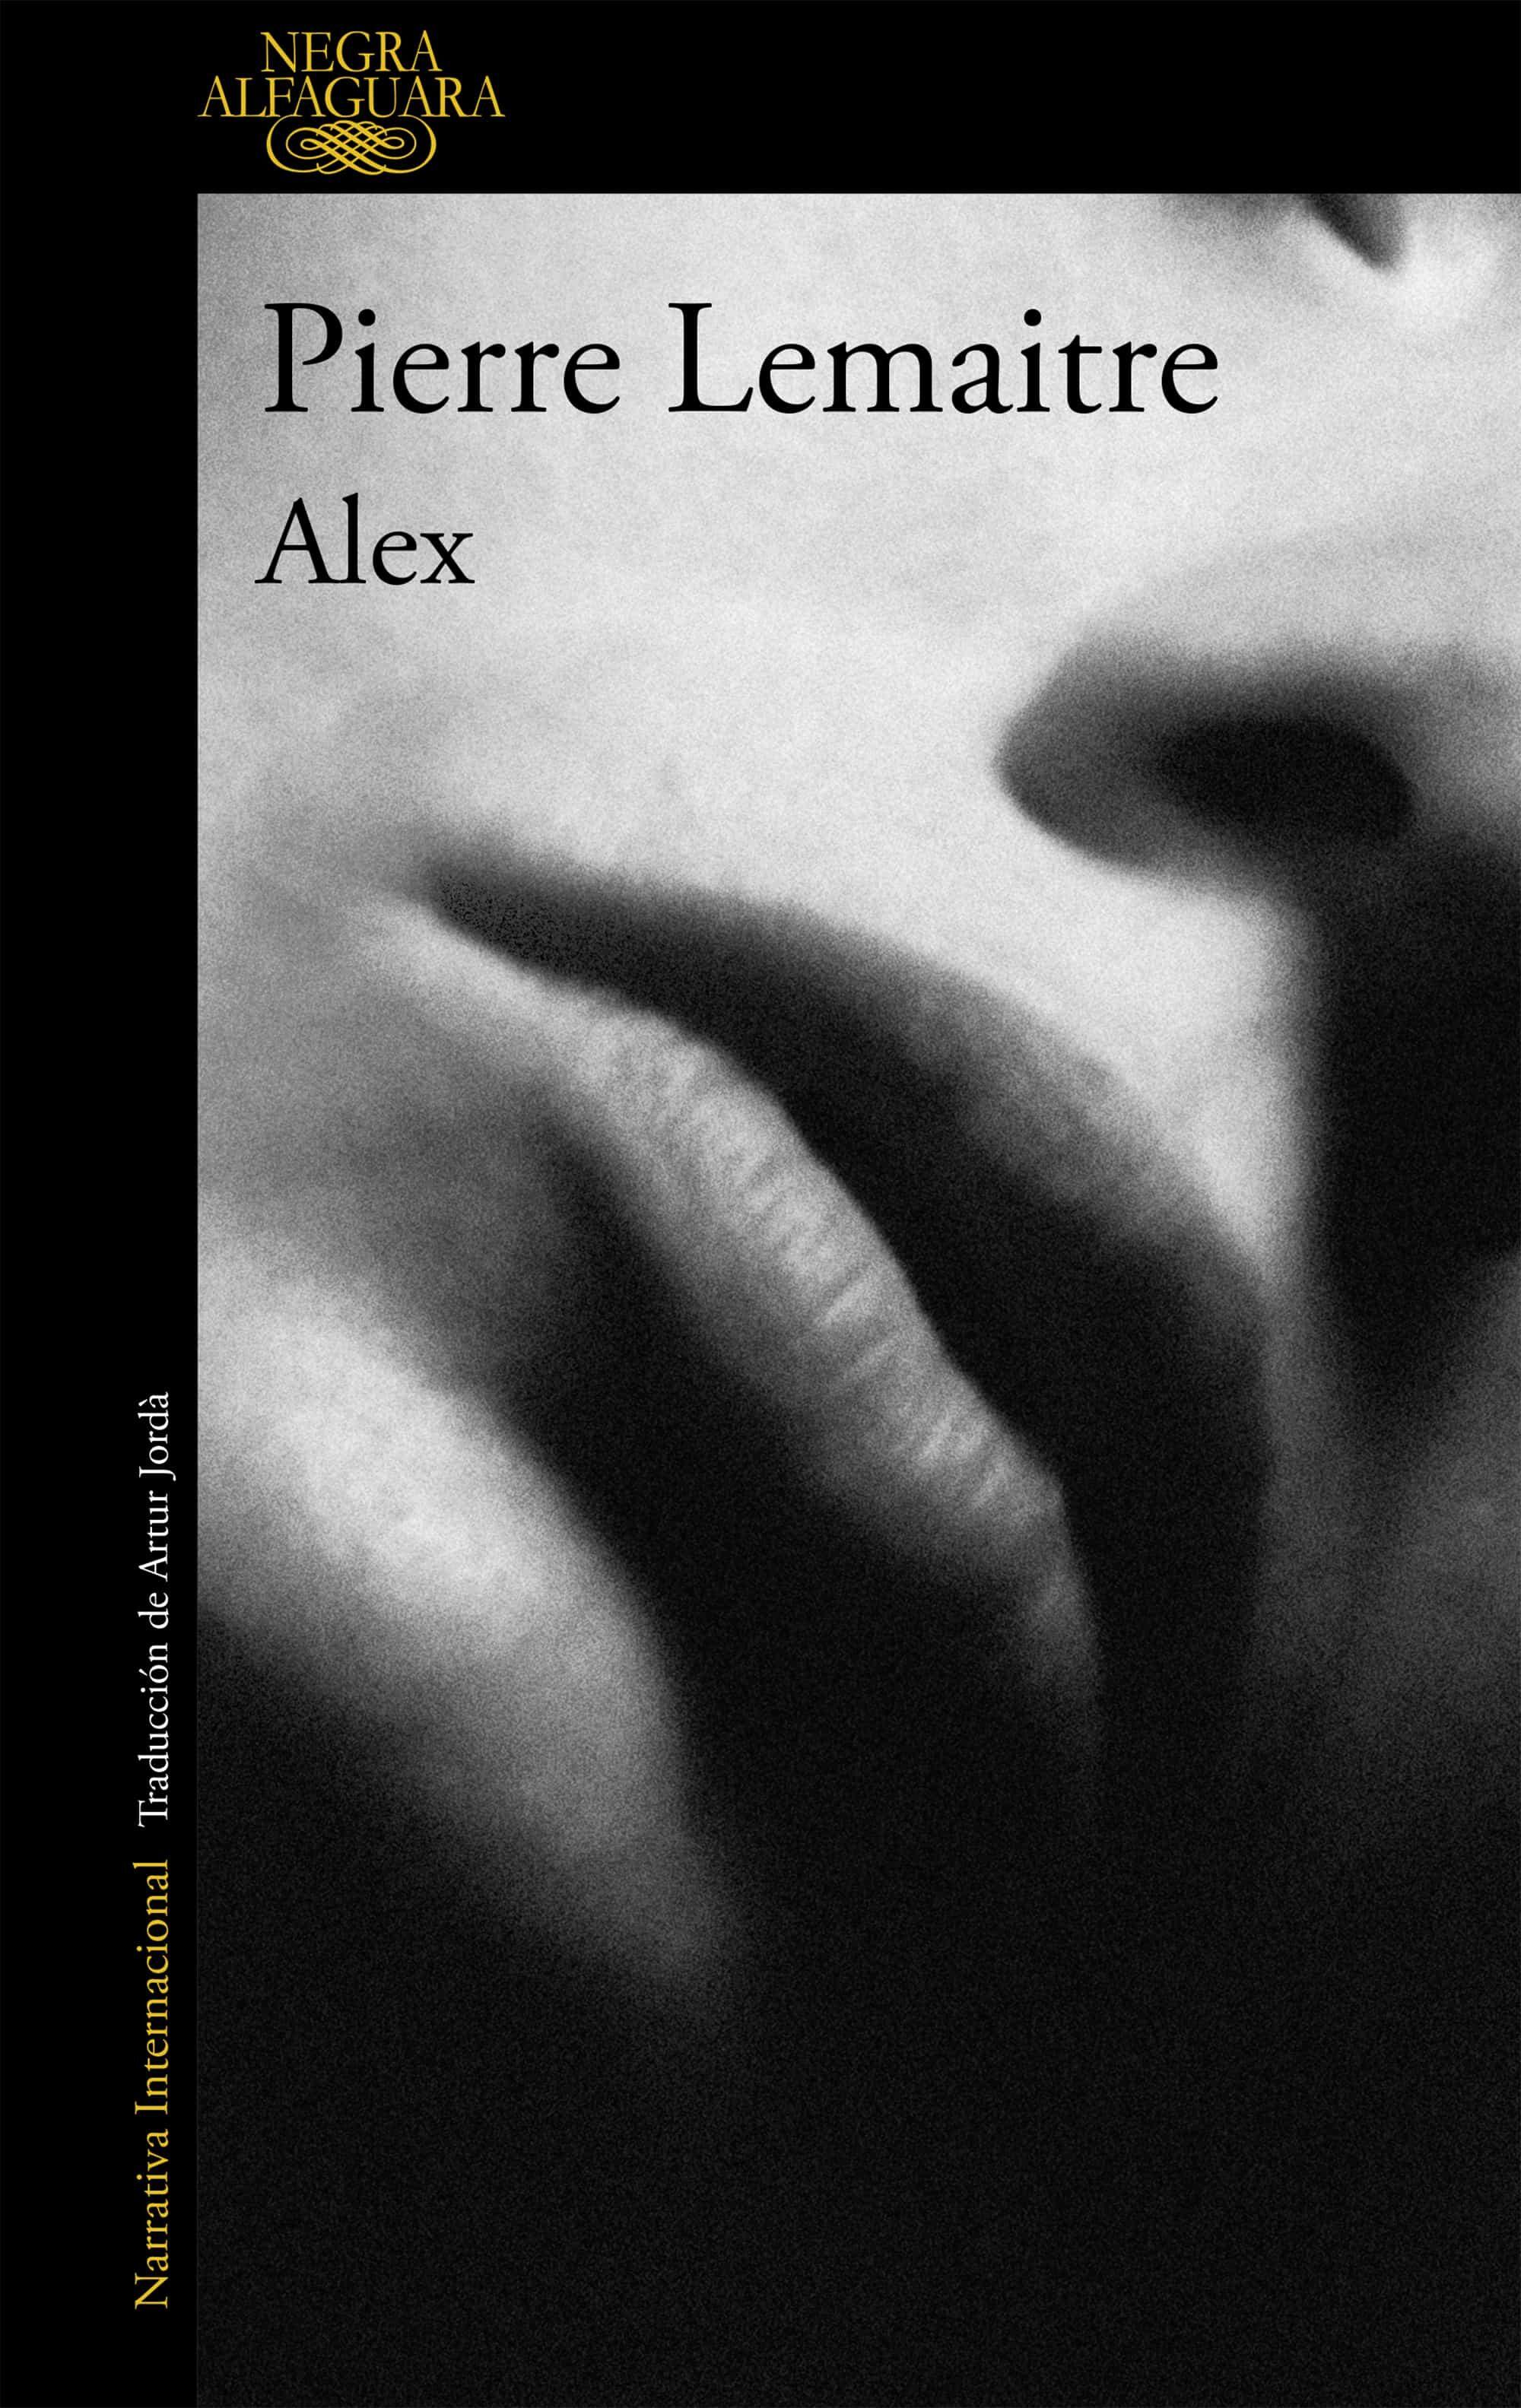 alex (serie camille verhoeven 2) | pierre lemaitre | comprar libro